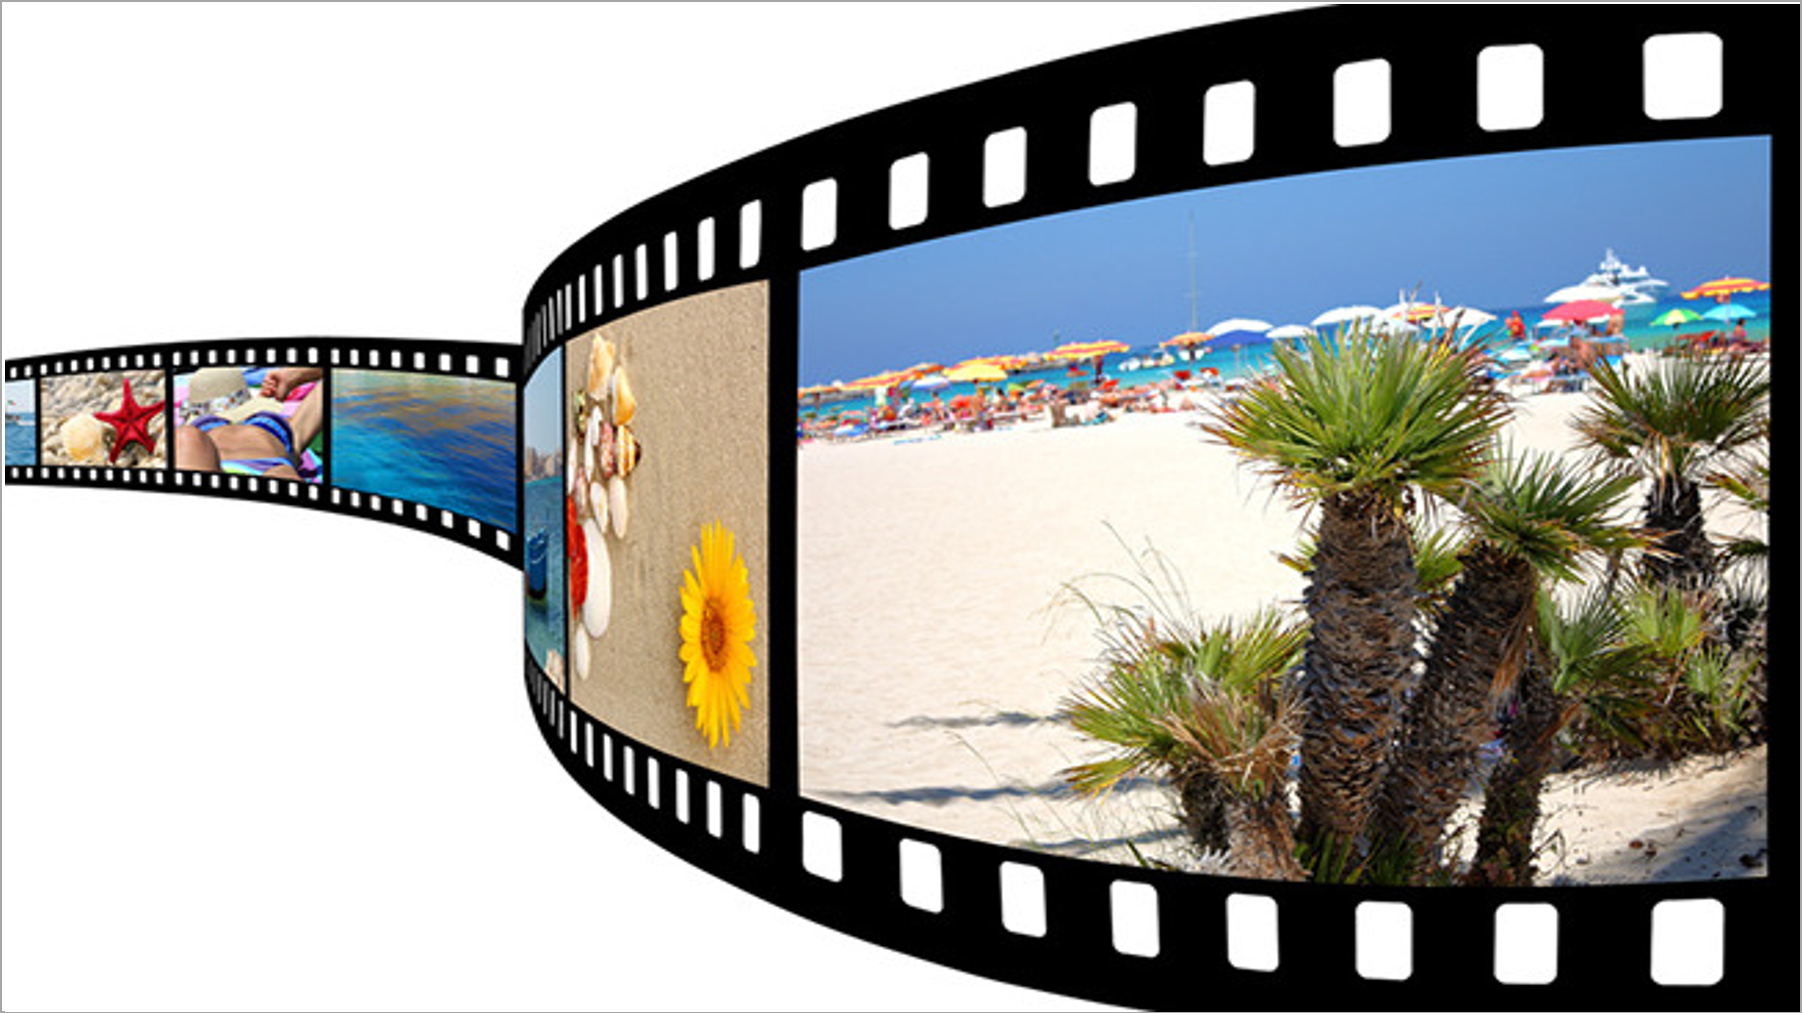 【中小企業 web集客方法】YouTubeに動画を何本ぐらい投稿するべきか?